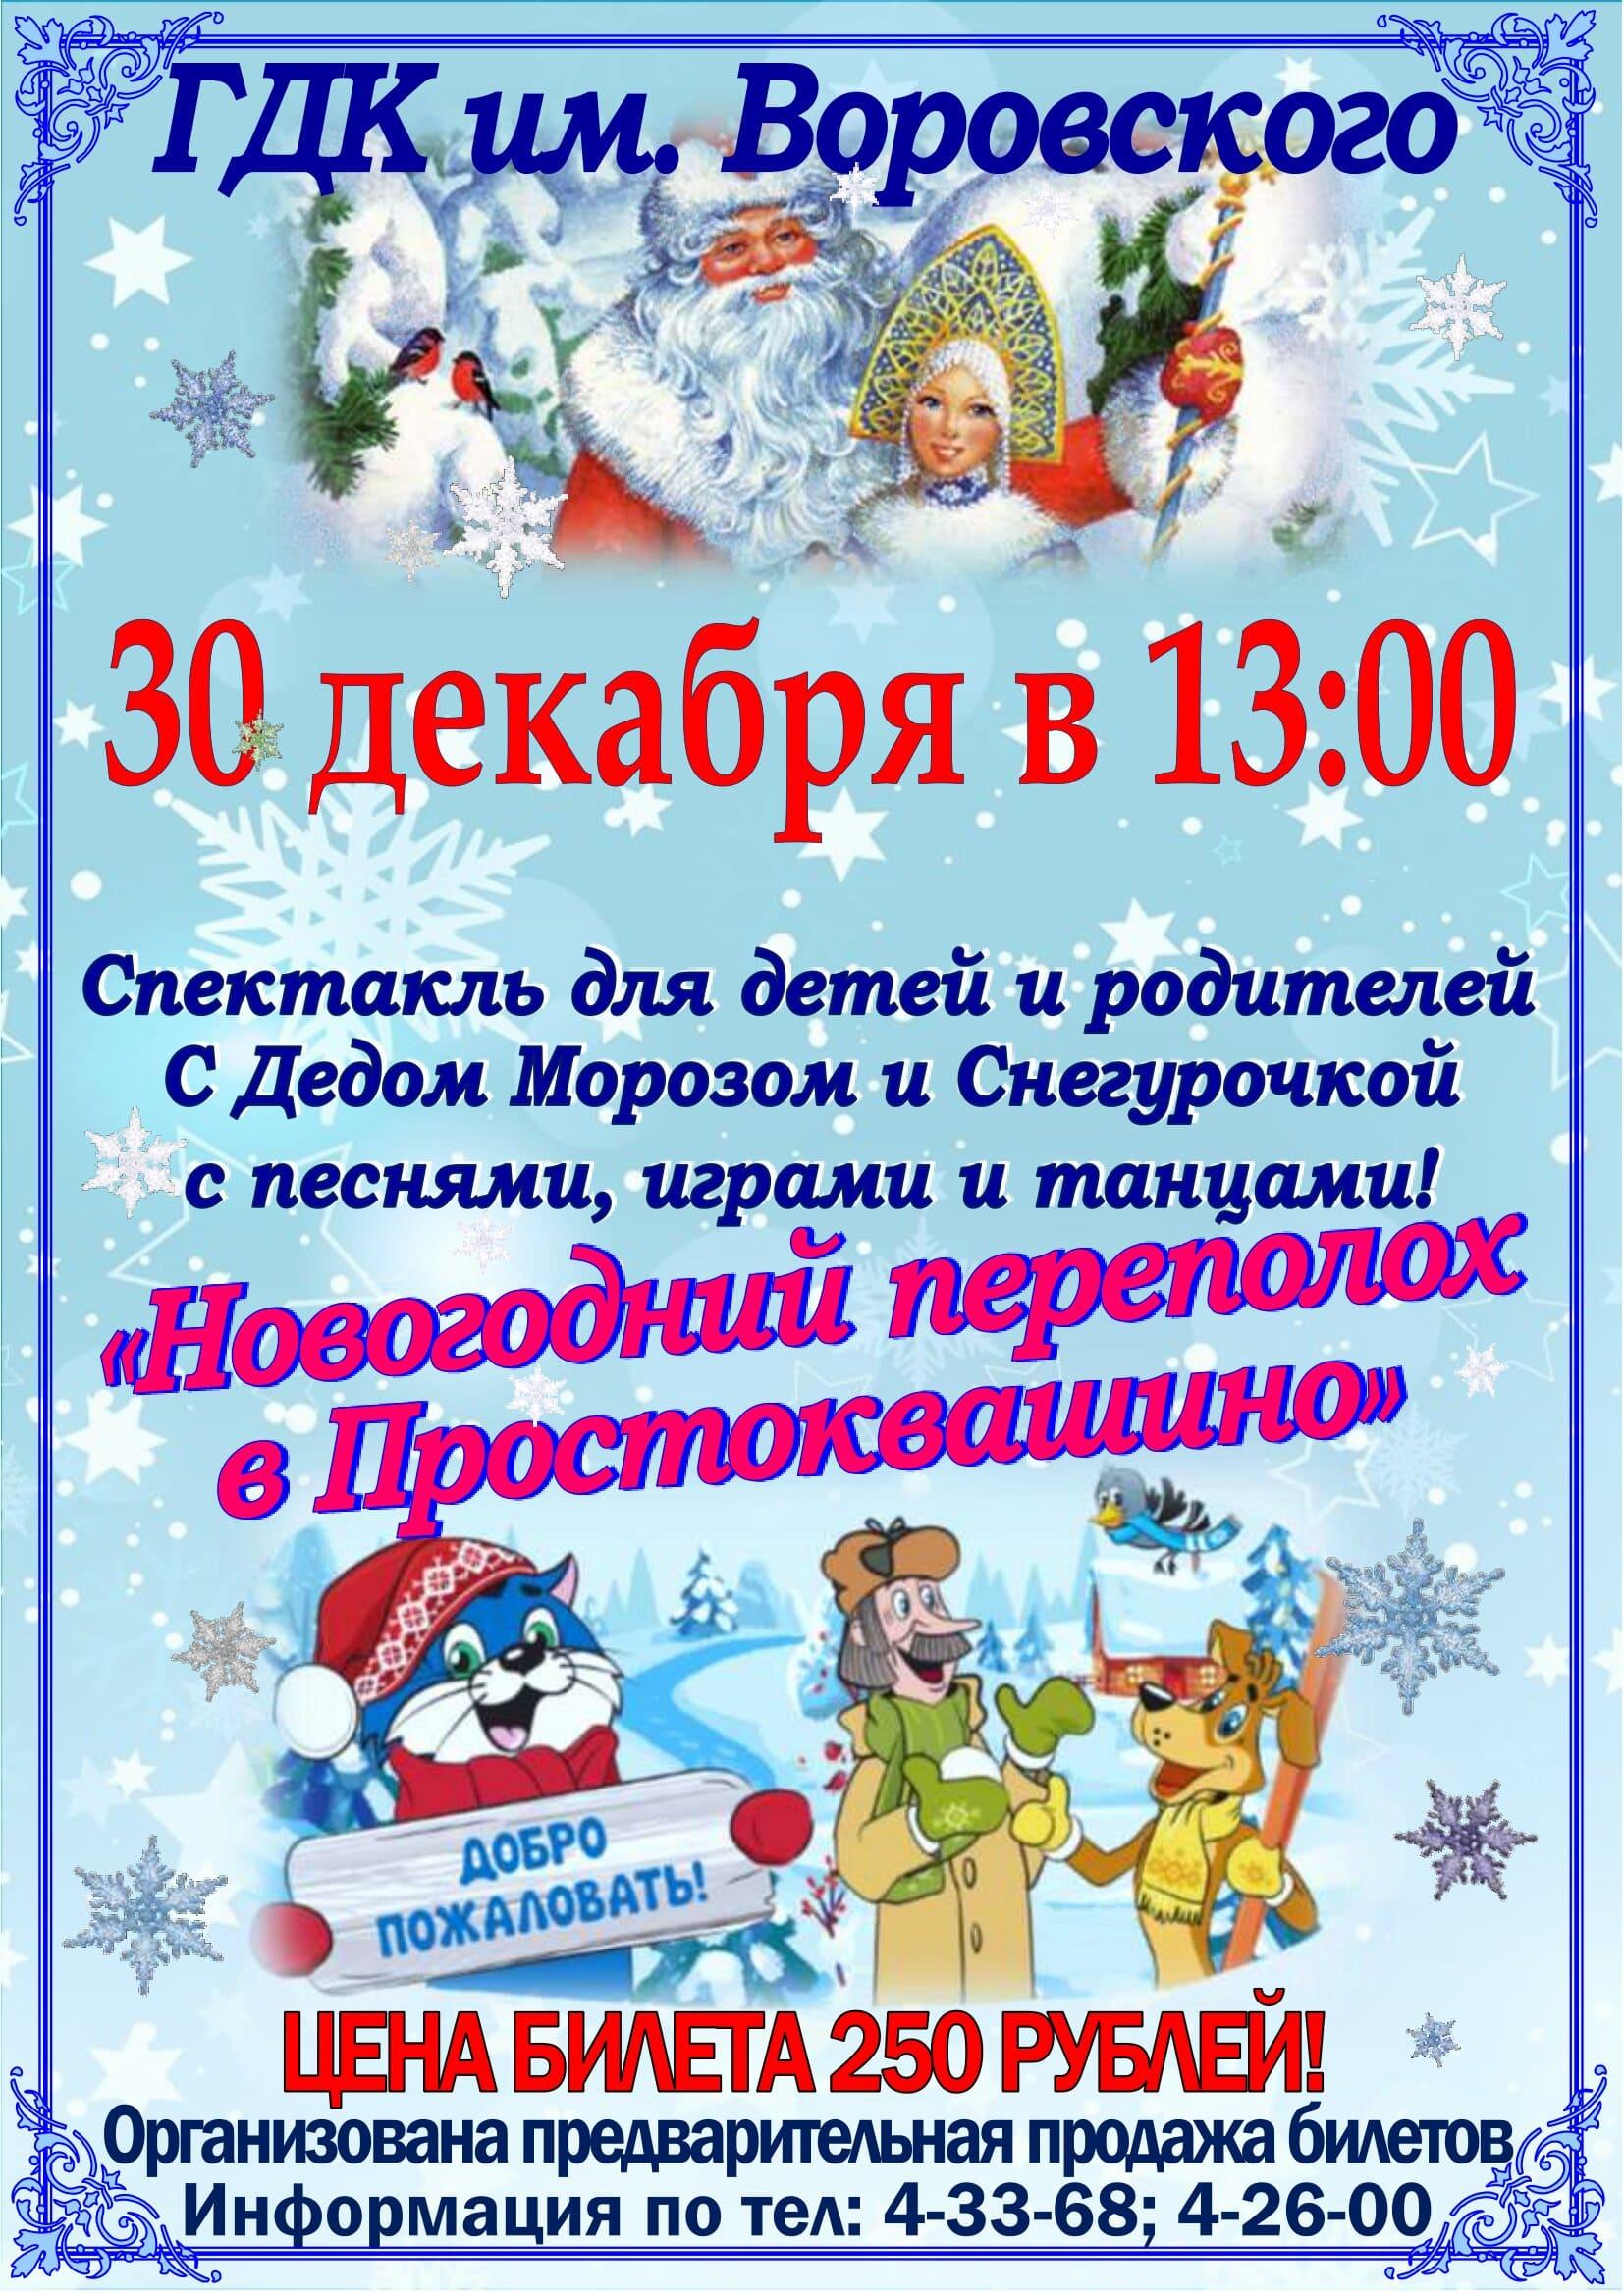 Новогодний переполох в Простоквашино (Спектакль)